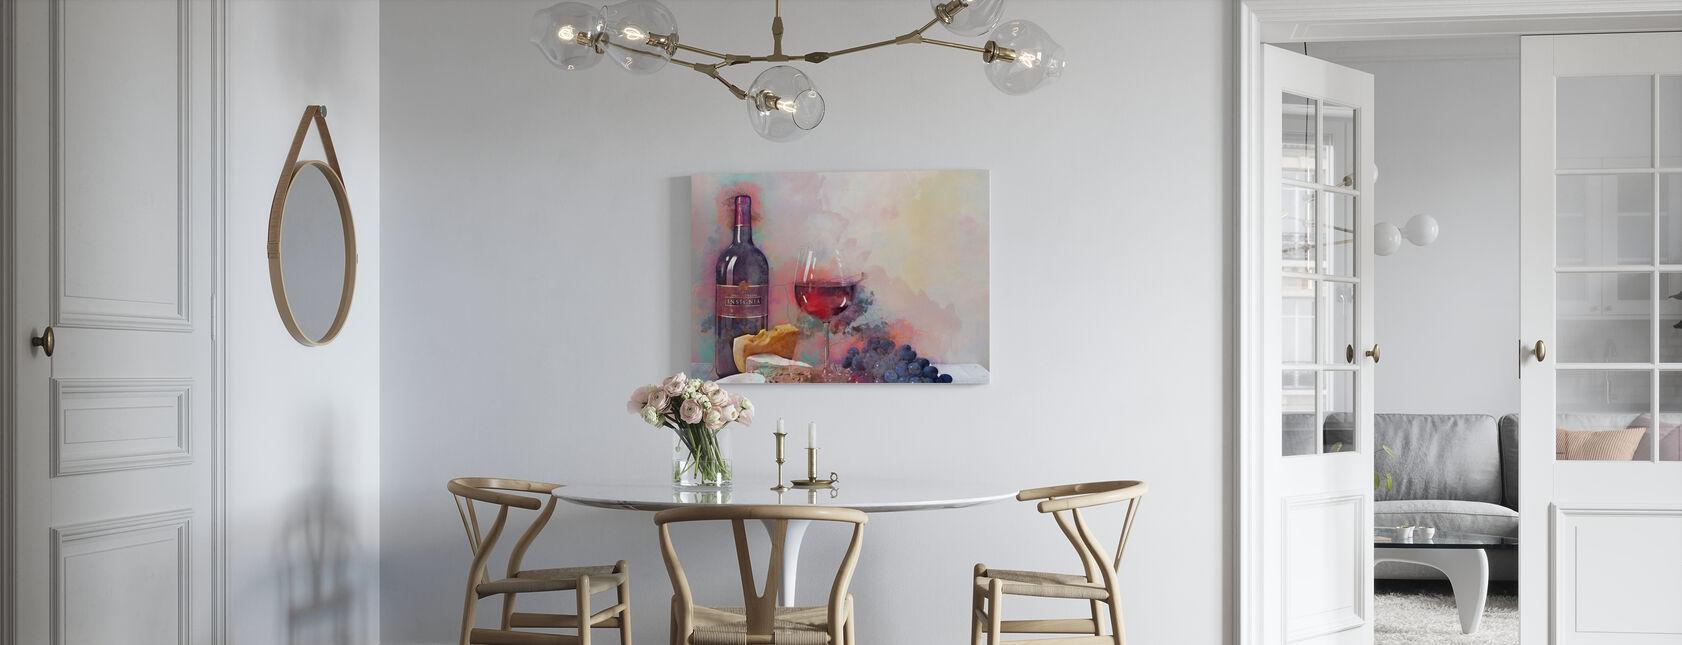 Ett speciellt tillfälle - Canvastavla - Kök